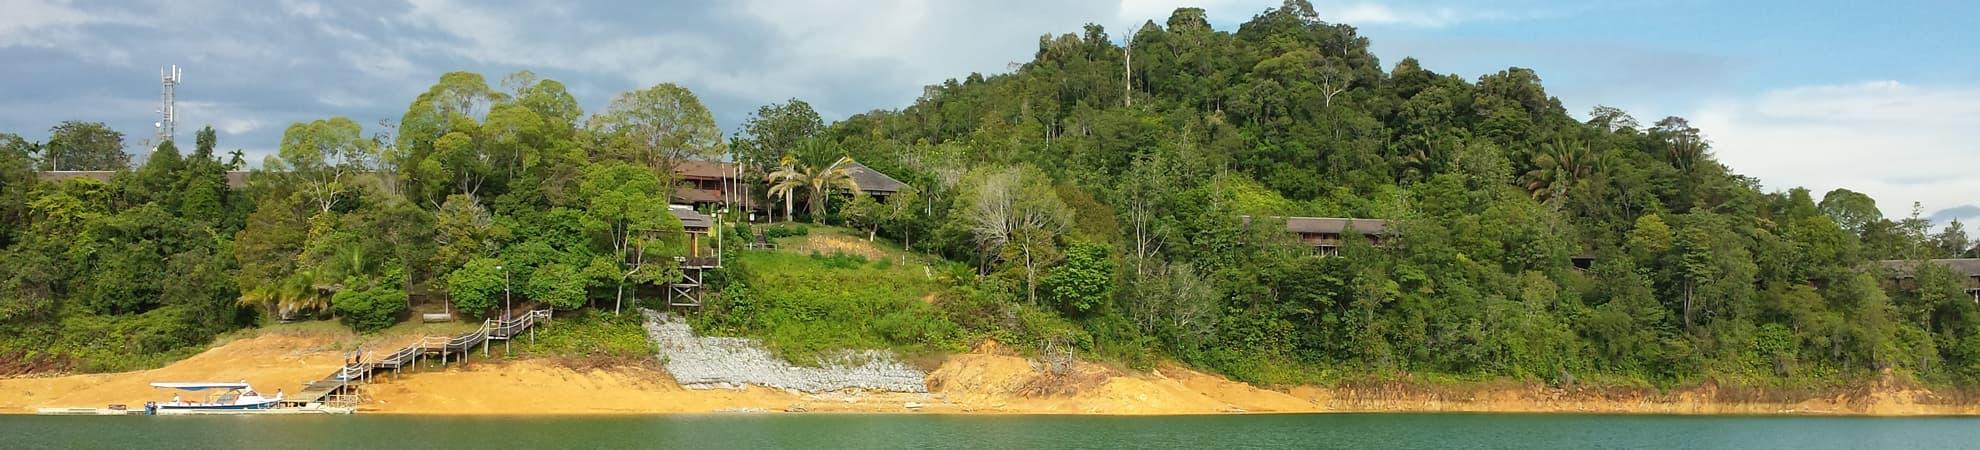 Voyage Parc de Batang Ai